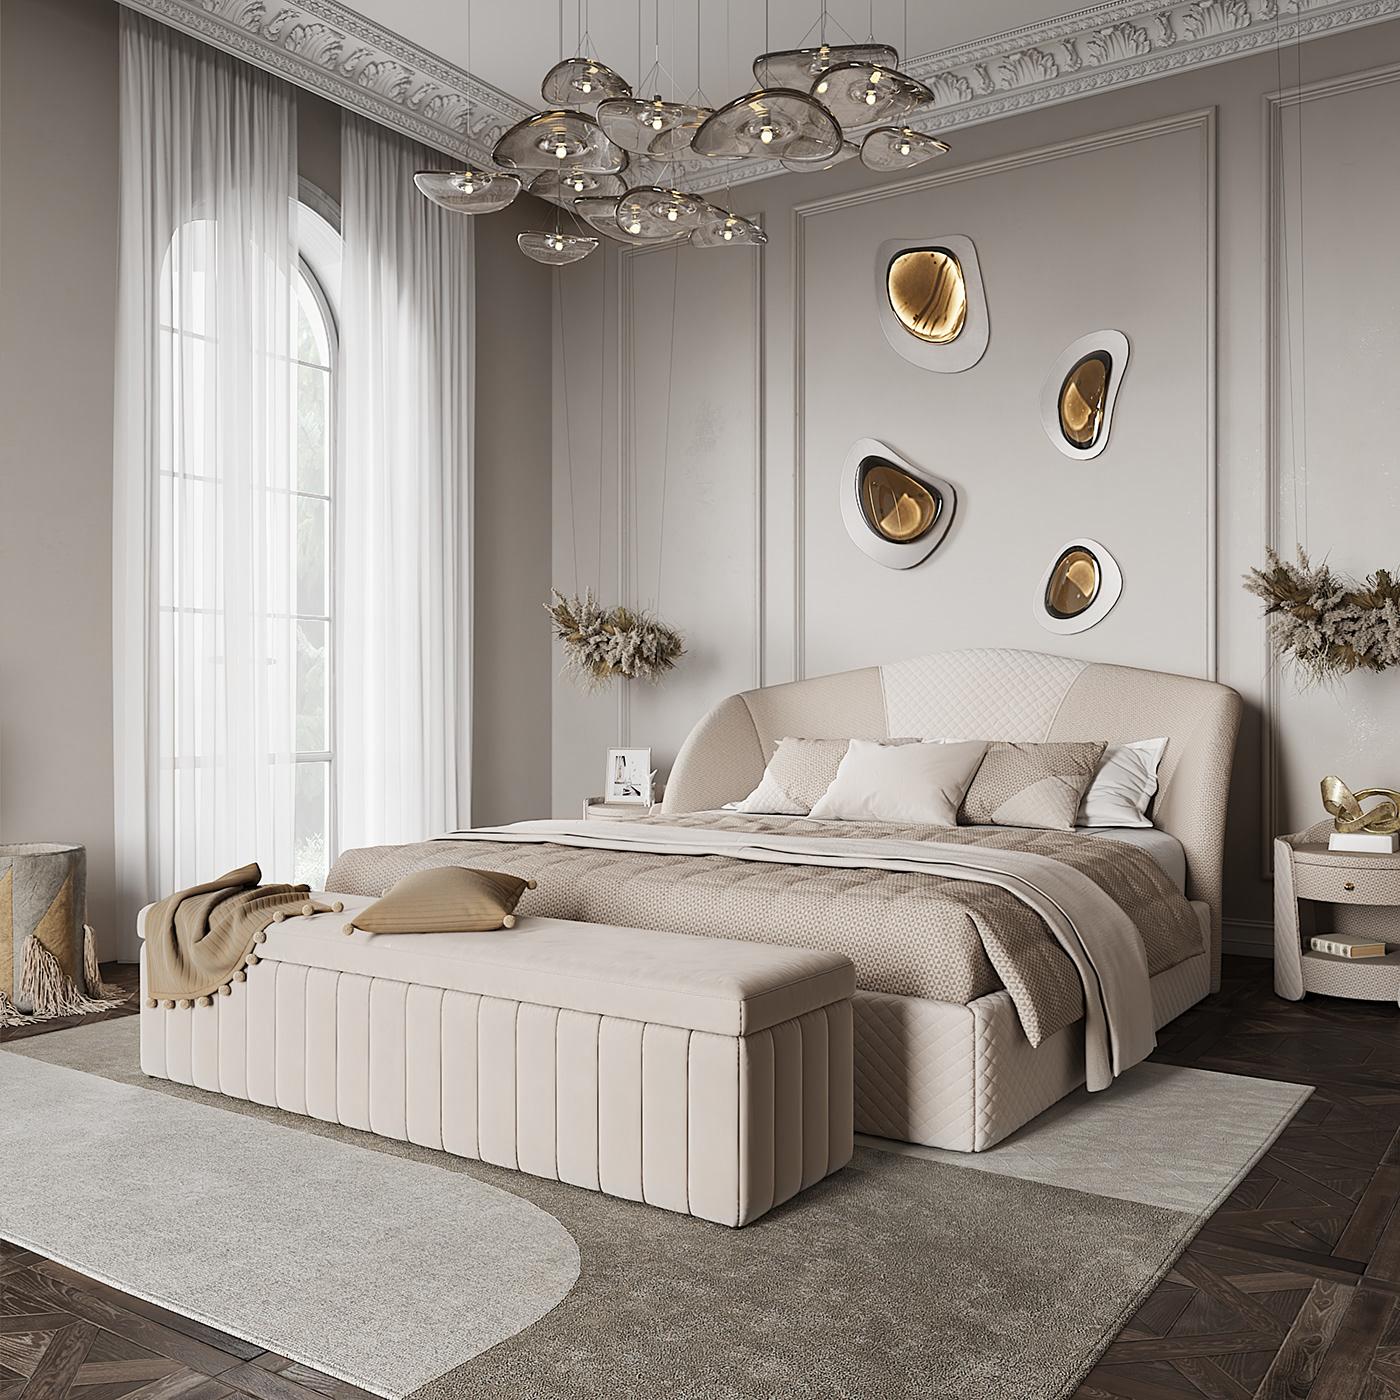 Holland Park Luxury Bedroom Furniture 1